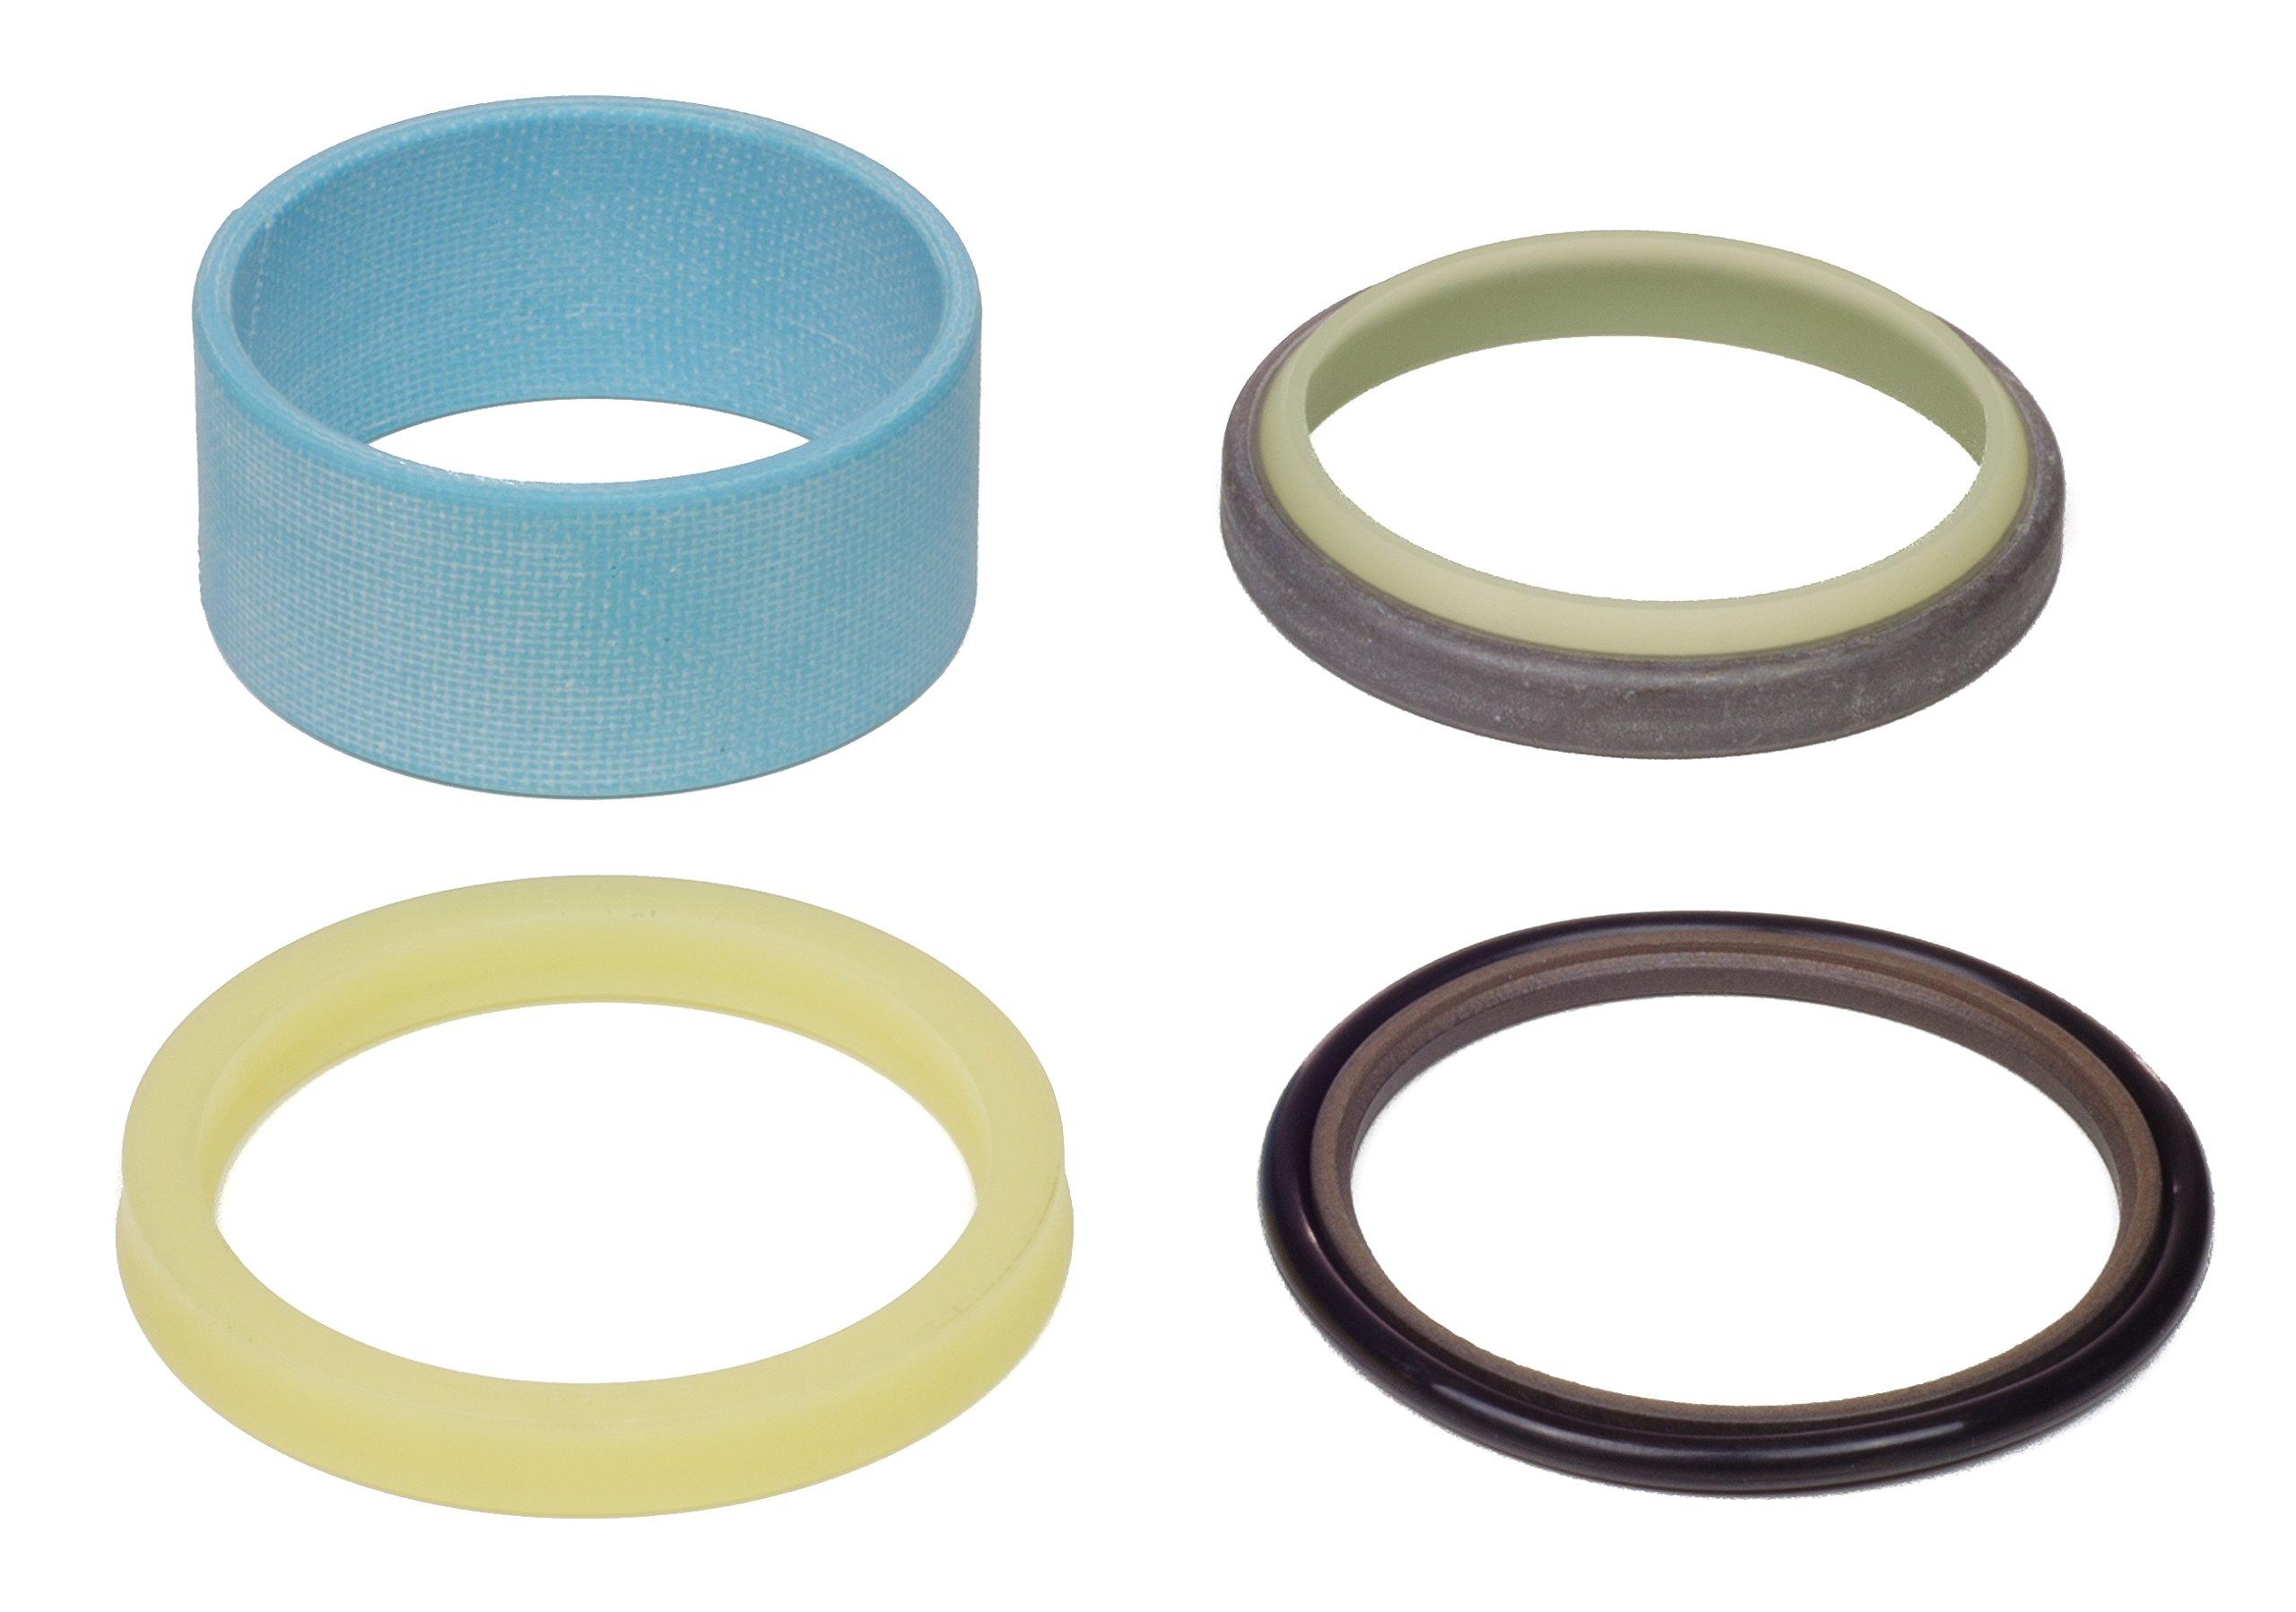 Kit King - John Deere RE20595 Aftermarket Hydraulic Cylinder Seal Kit